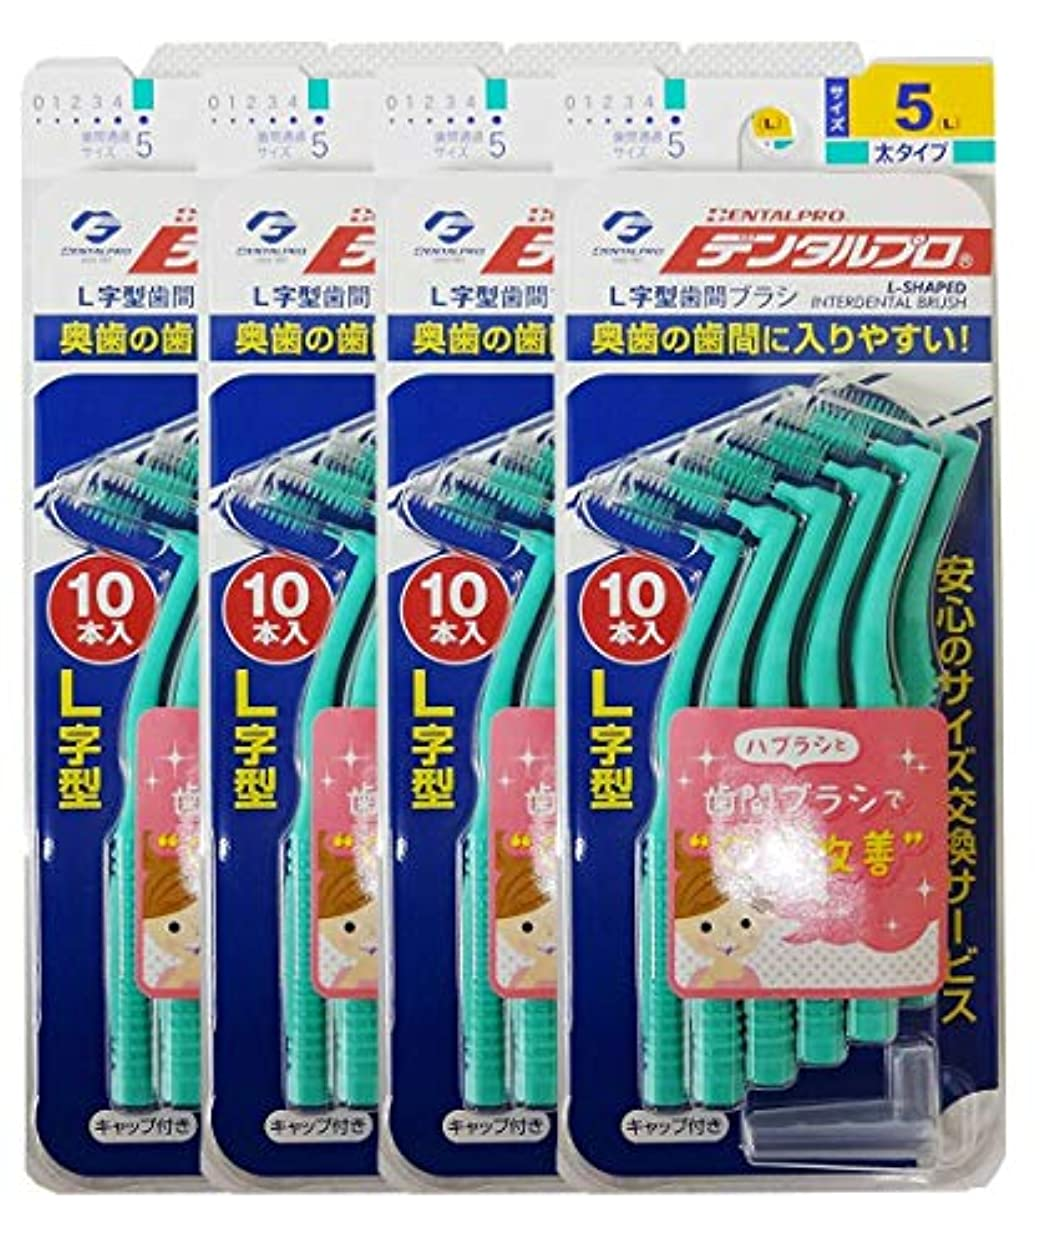 ブロンズアクション修正デンタルプロ 歯間ブラシ L字型 サイズ5(L) 10本入り × 4個セット